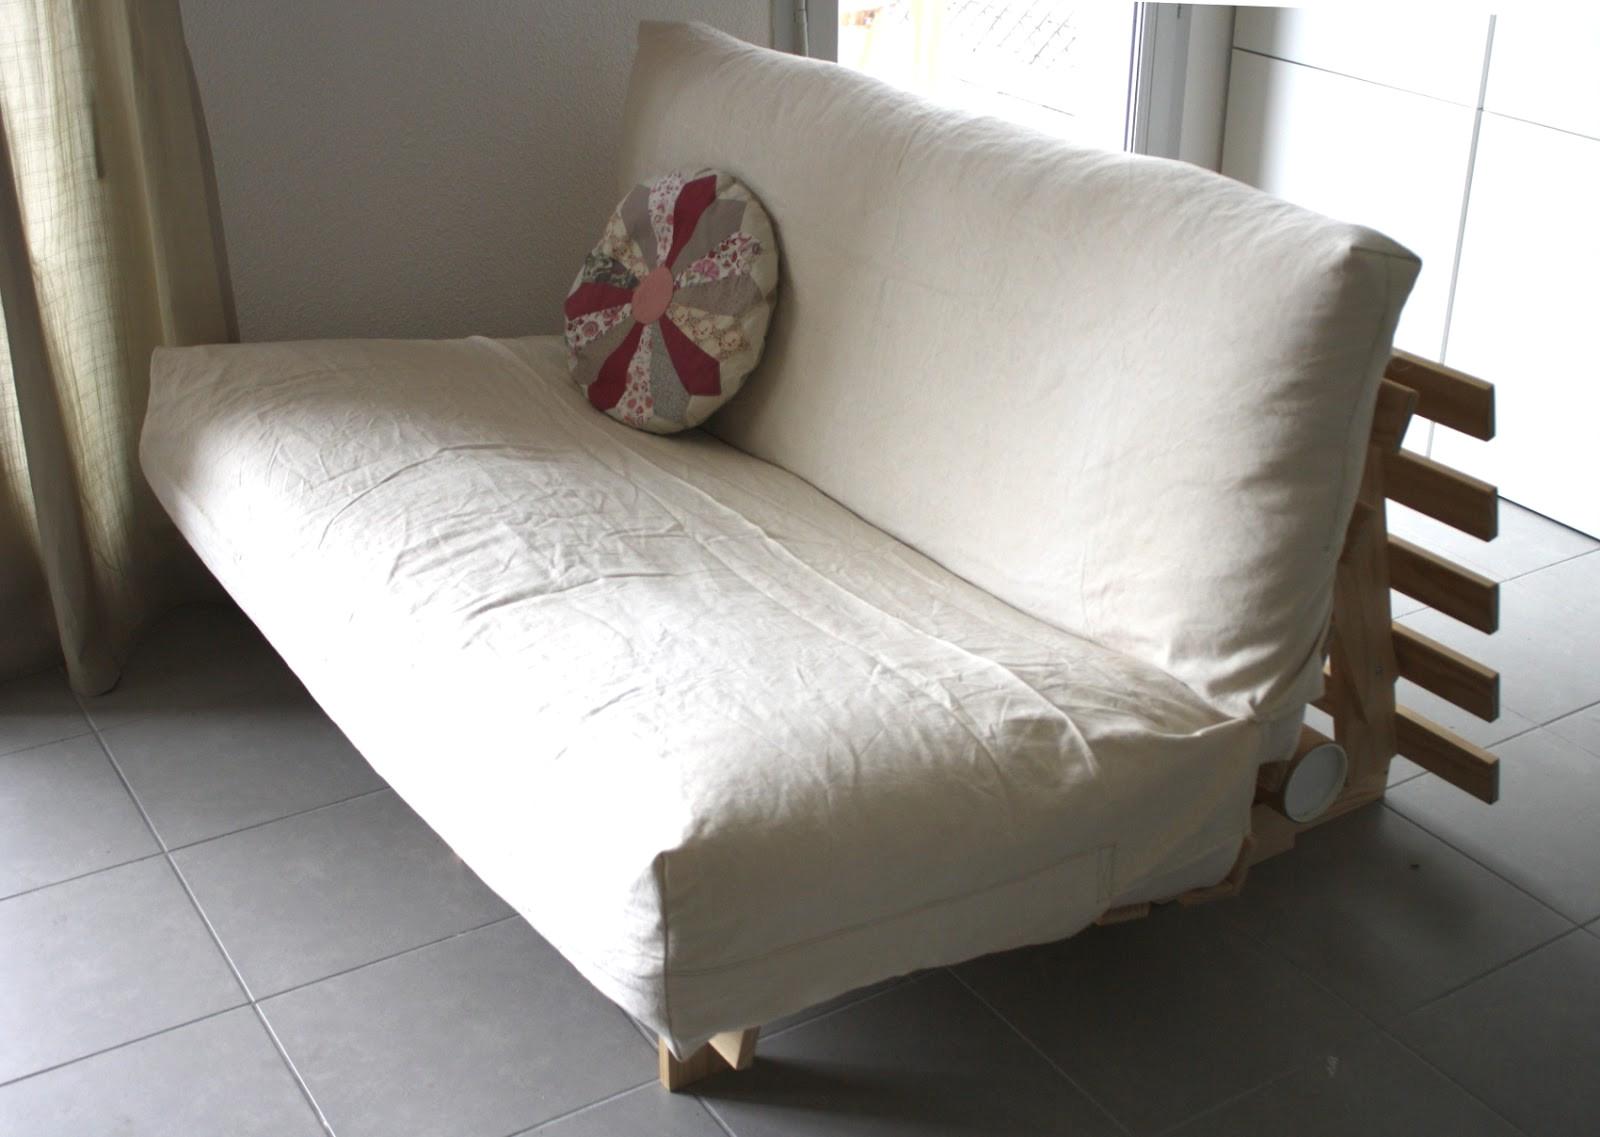 Canapé Convertible Confortable Bultex Nouveau Photos Matelas Pour Canap Bz Canape Bz Ikea Housse Canapac Bz Ikea New